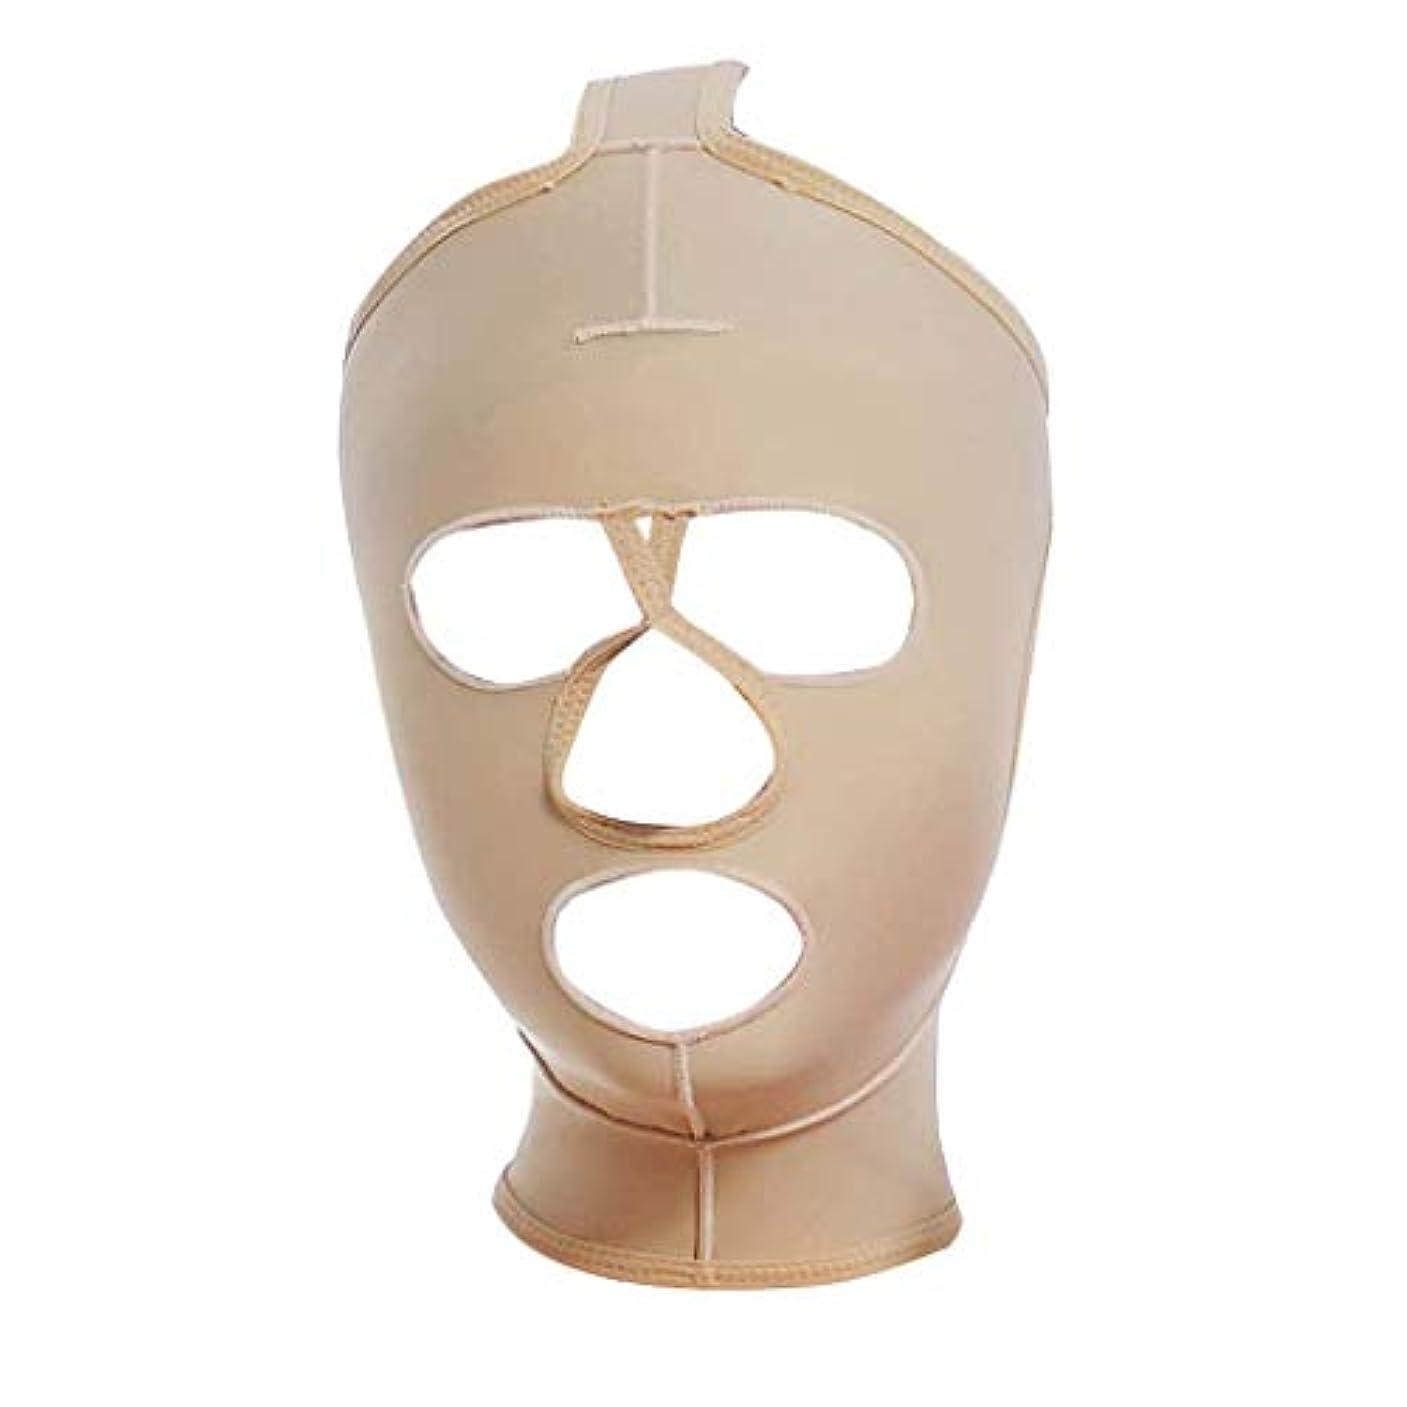 質素なエミュレーション押すフェイス&ネックリフト、減量フェイスマスク脂肪吸引術脂肪吸引術整形マスクフードフェイスリフティングアーティファクトVフェイスビームフェイス弾性スリーブ(サイズ:XXL),XS